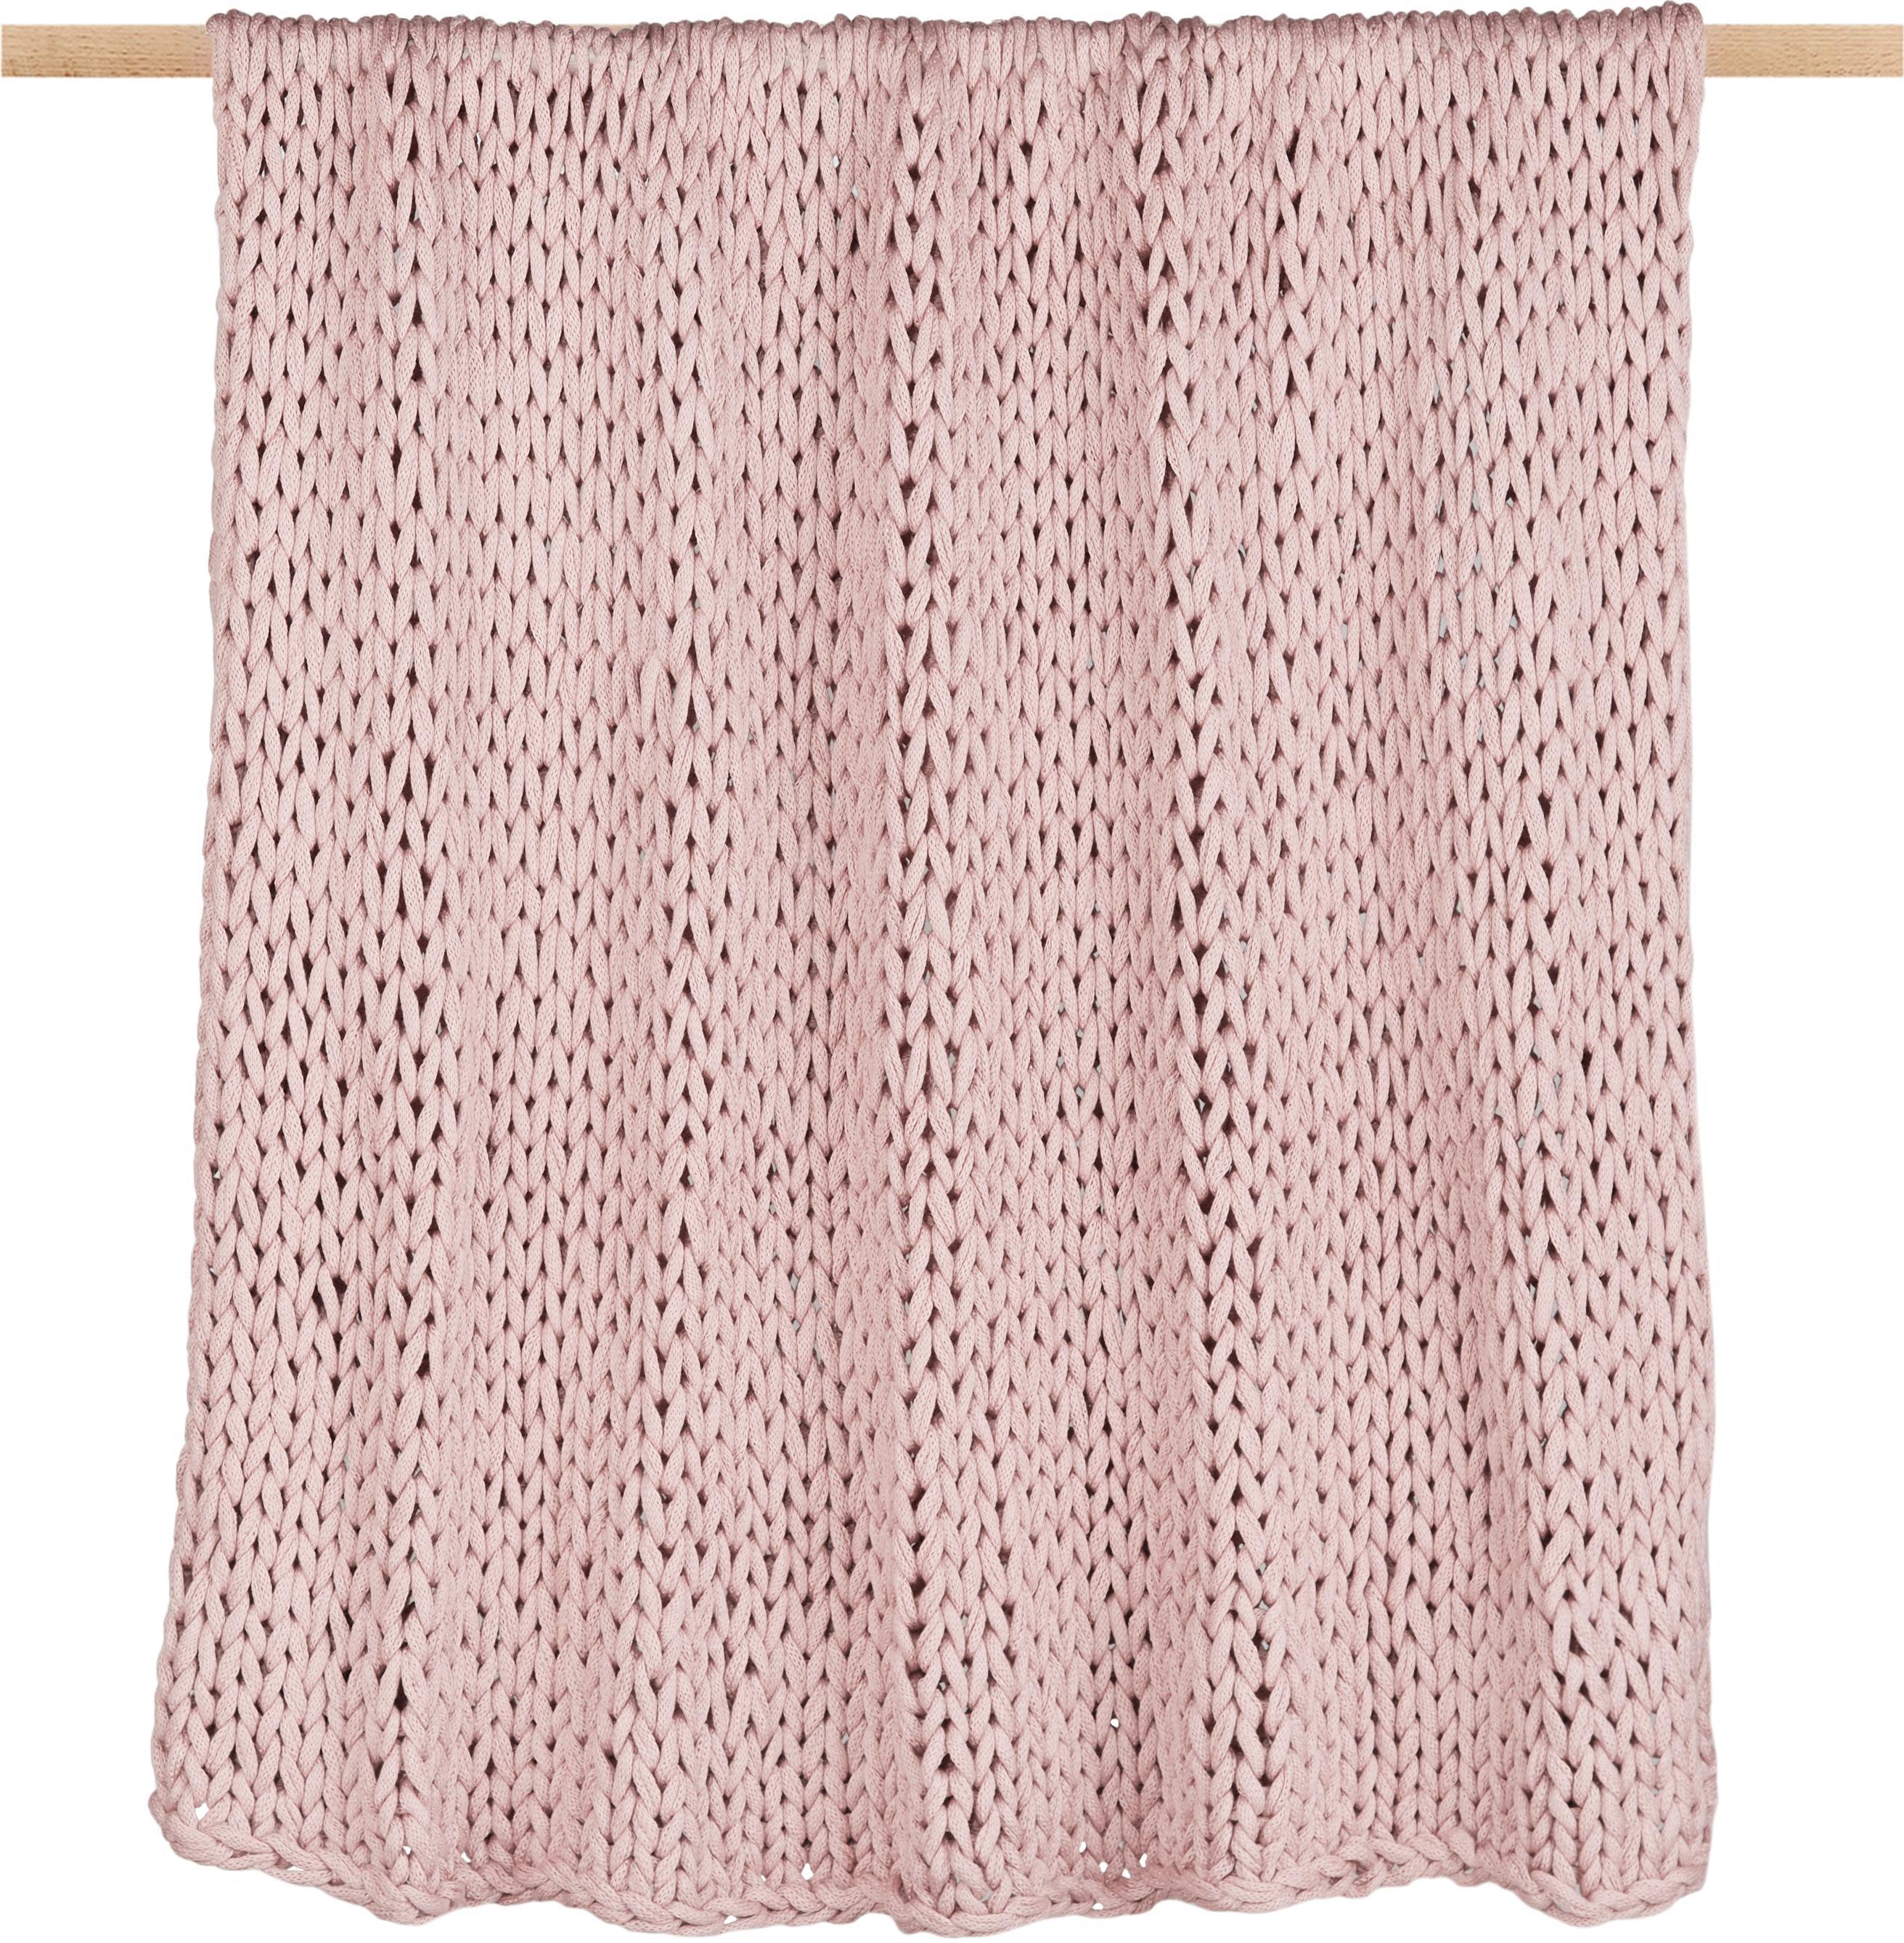 Plaid a maglia Adyna, 100% acrilico, Rosa, 150 x 200 cm